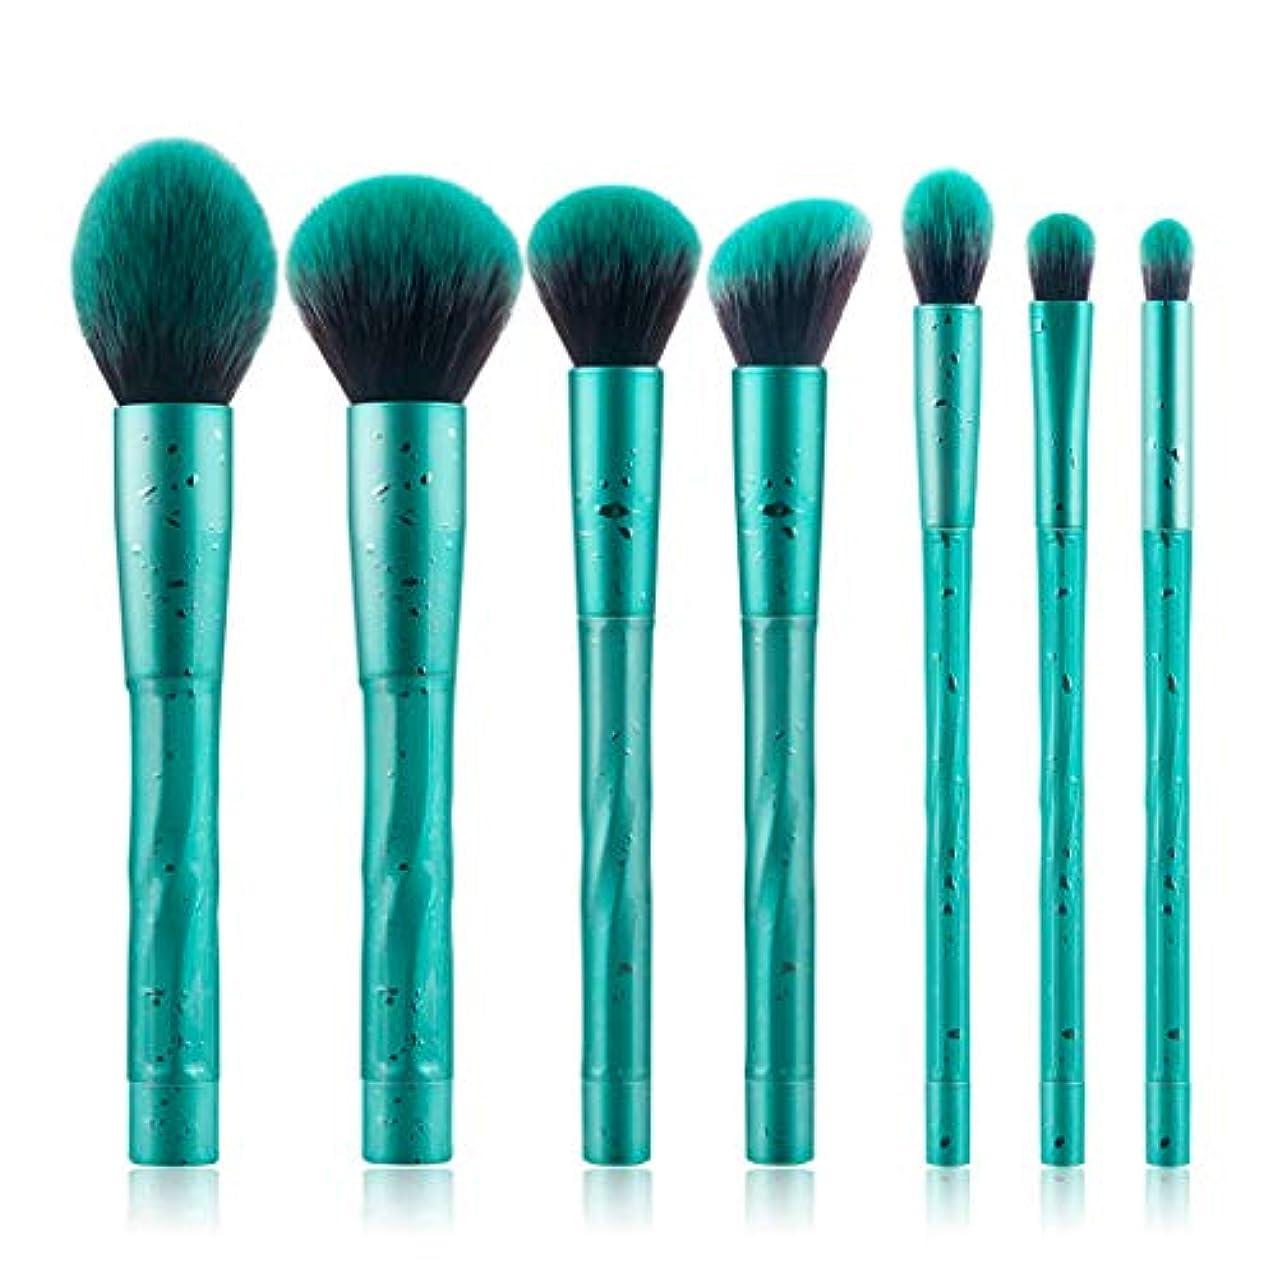 感覚暗唱する海里5化粧ブラシアイシャドーブラッシュ美容ブラシ初心者セット